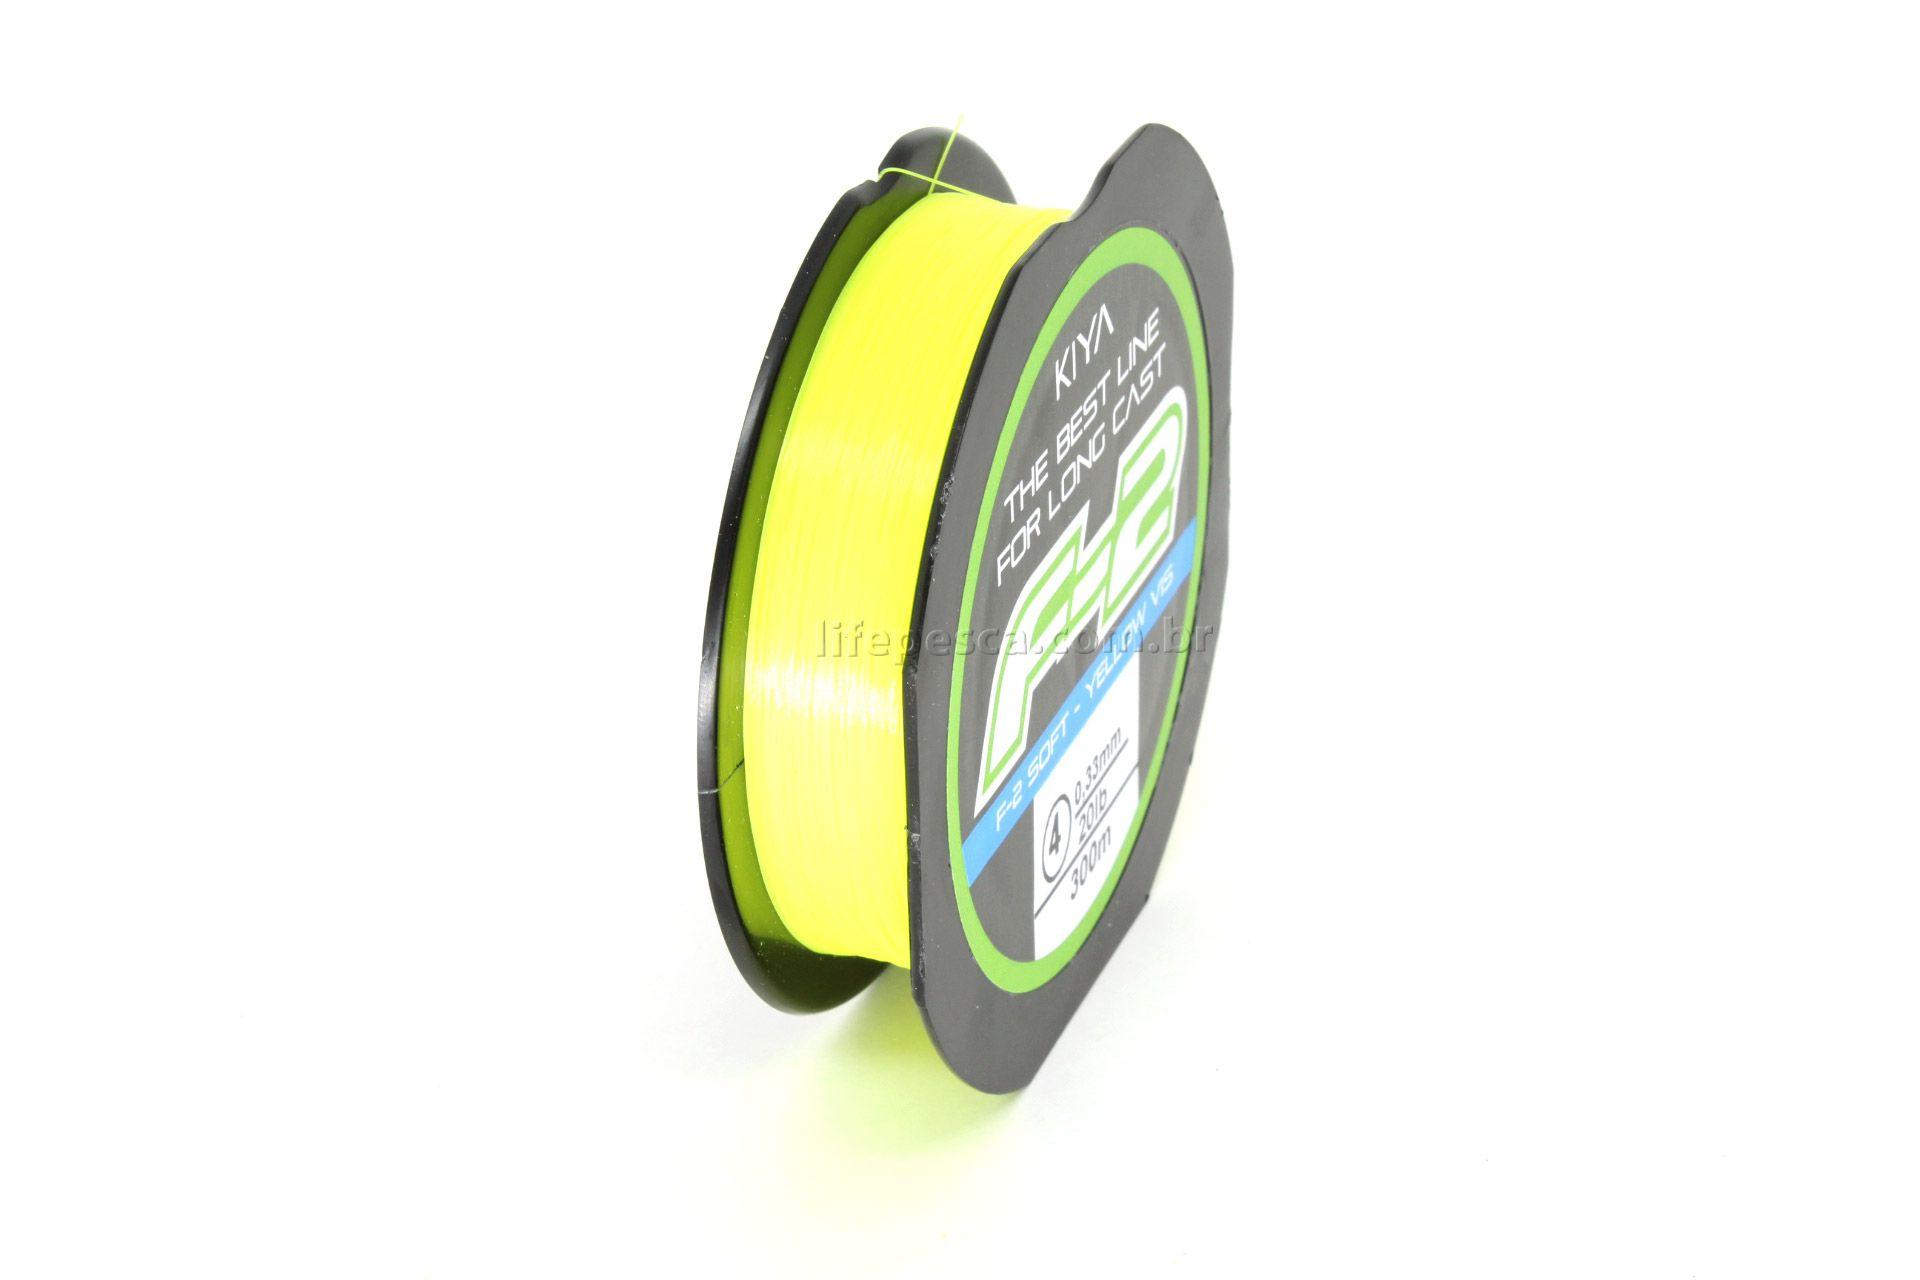 Linha Monofilamento Kiya F-2 Soft Yellow 0,52mm 40lb/18,20kg - 300 Metros  - Life Pesca - Sua loja de Pesca, Camping e Lazer